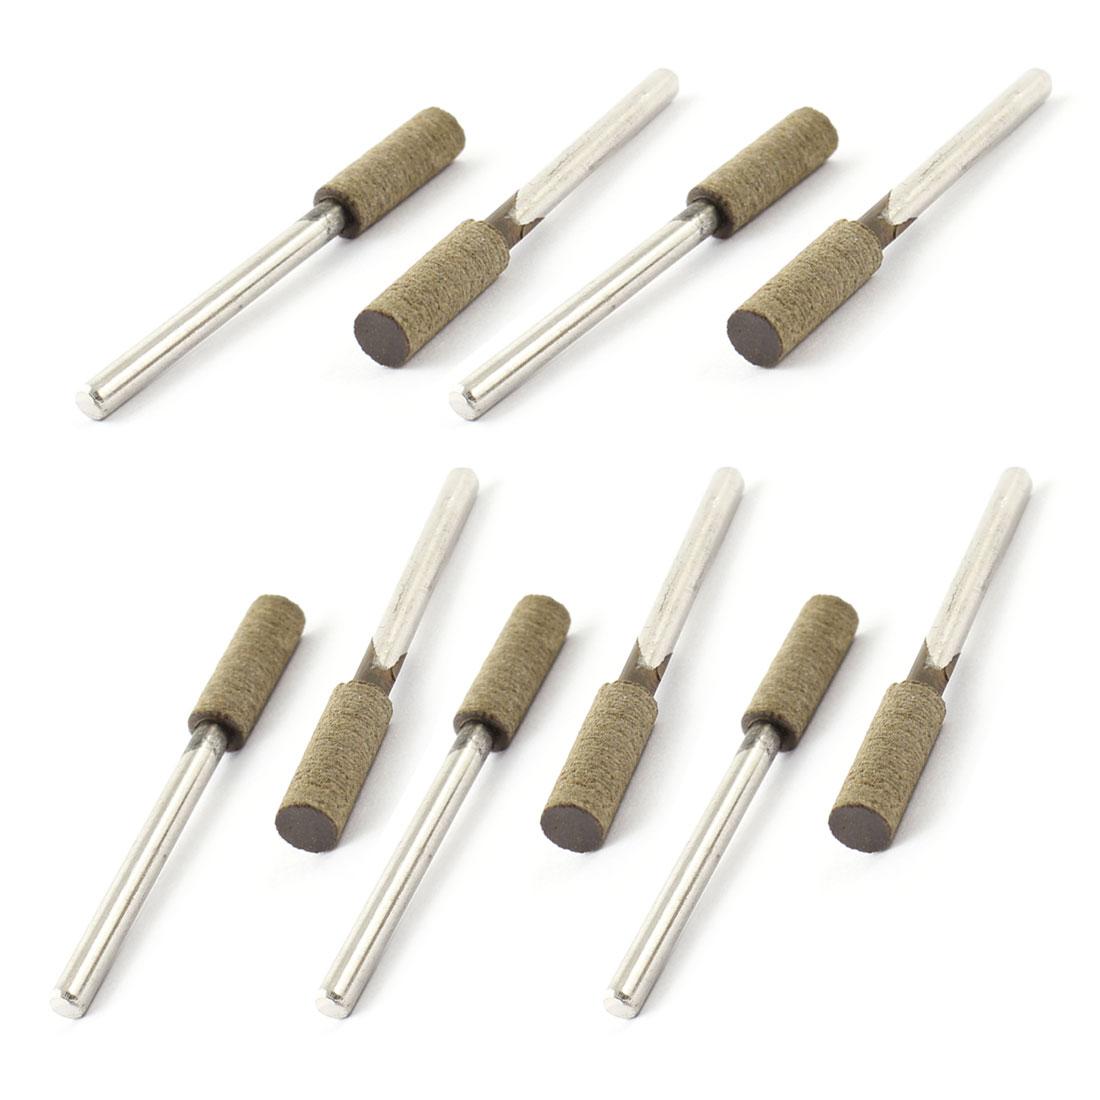 3mm Diameter Metal Shaft Abrasive Bit Buffing Mounted Point 10 Pcs